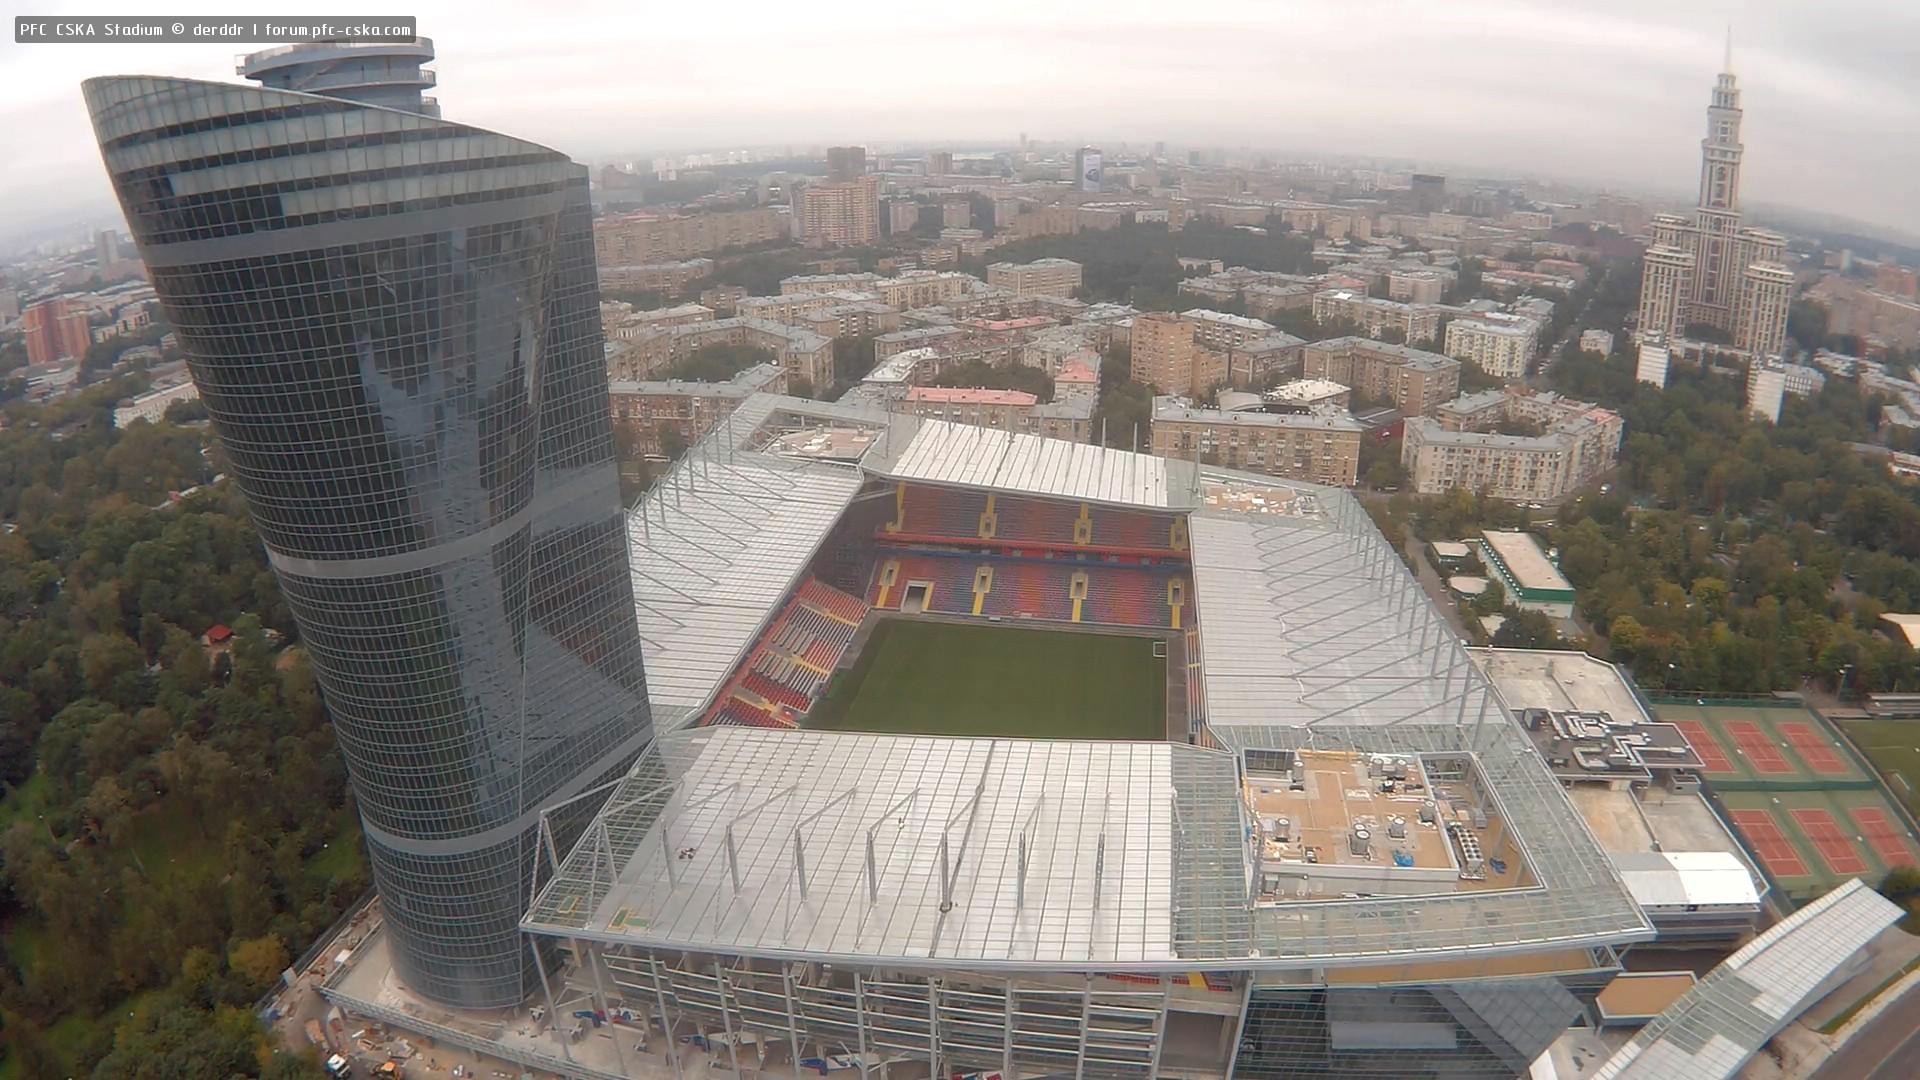 pfccska_stadium_02